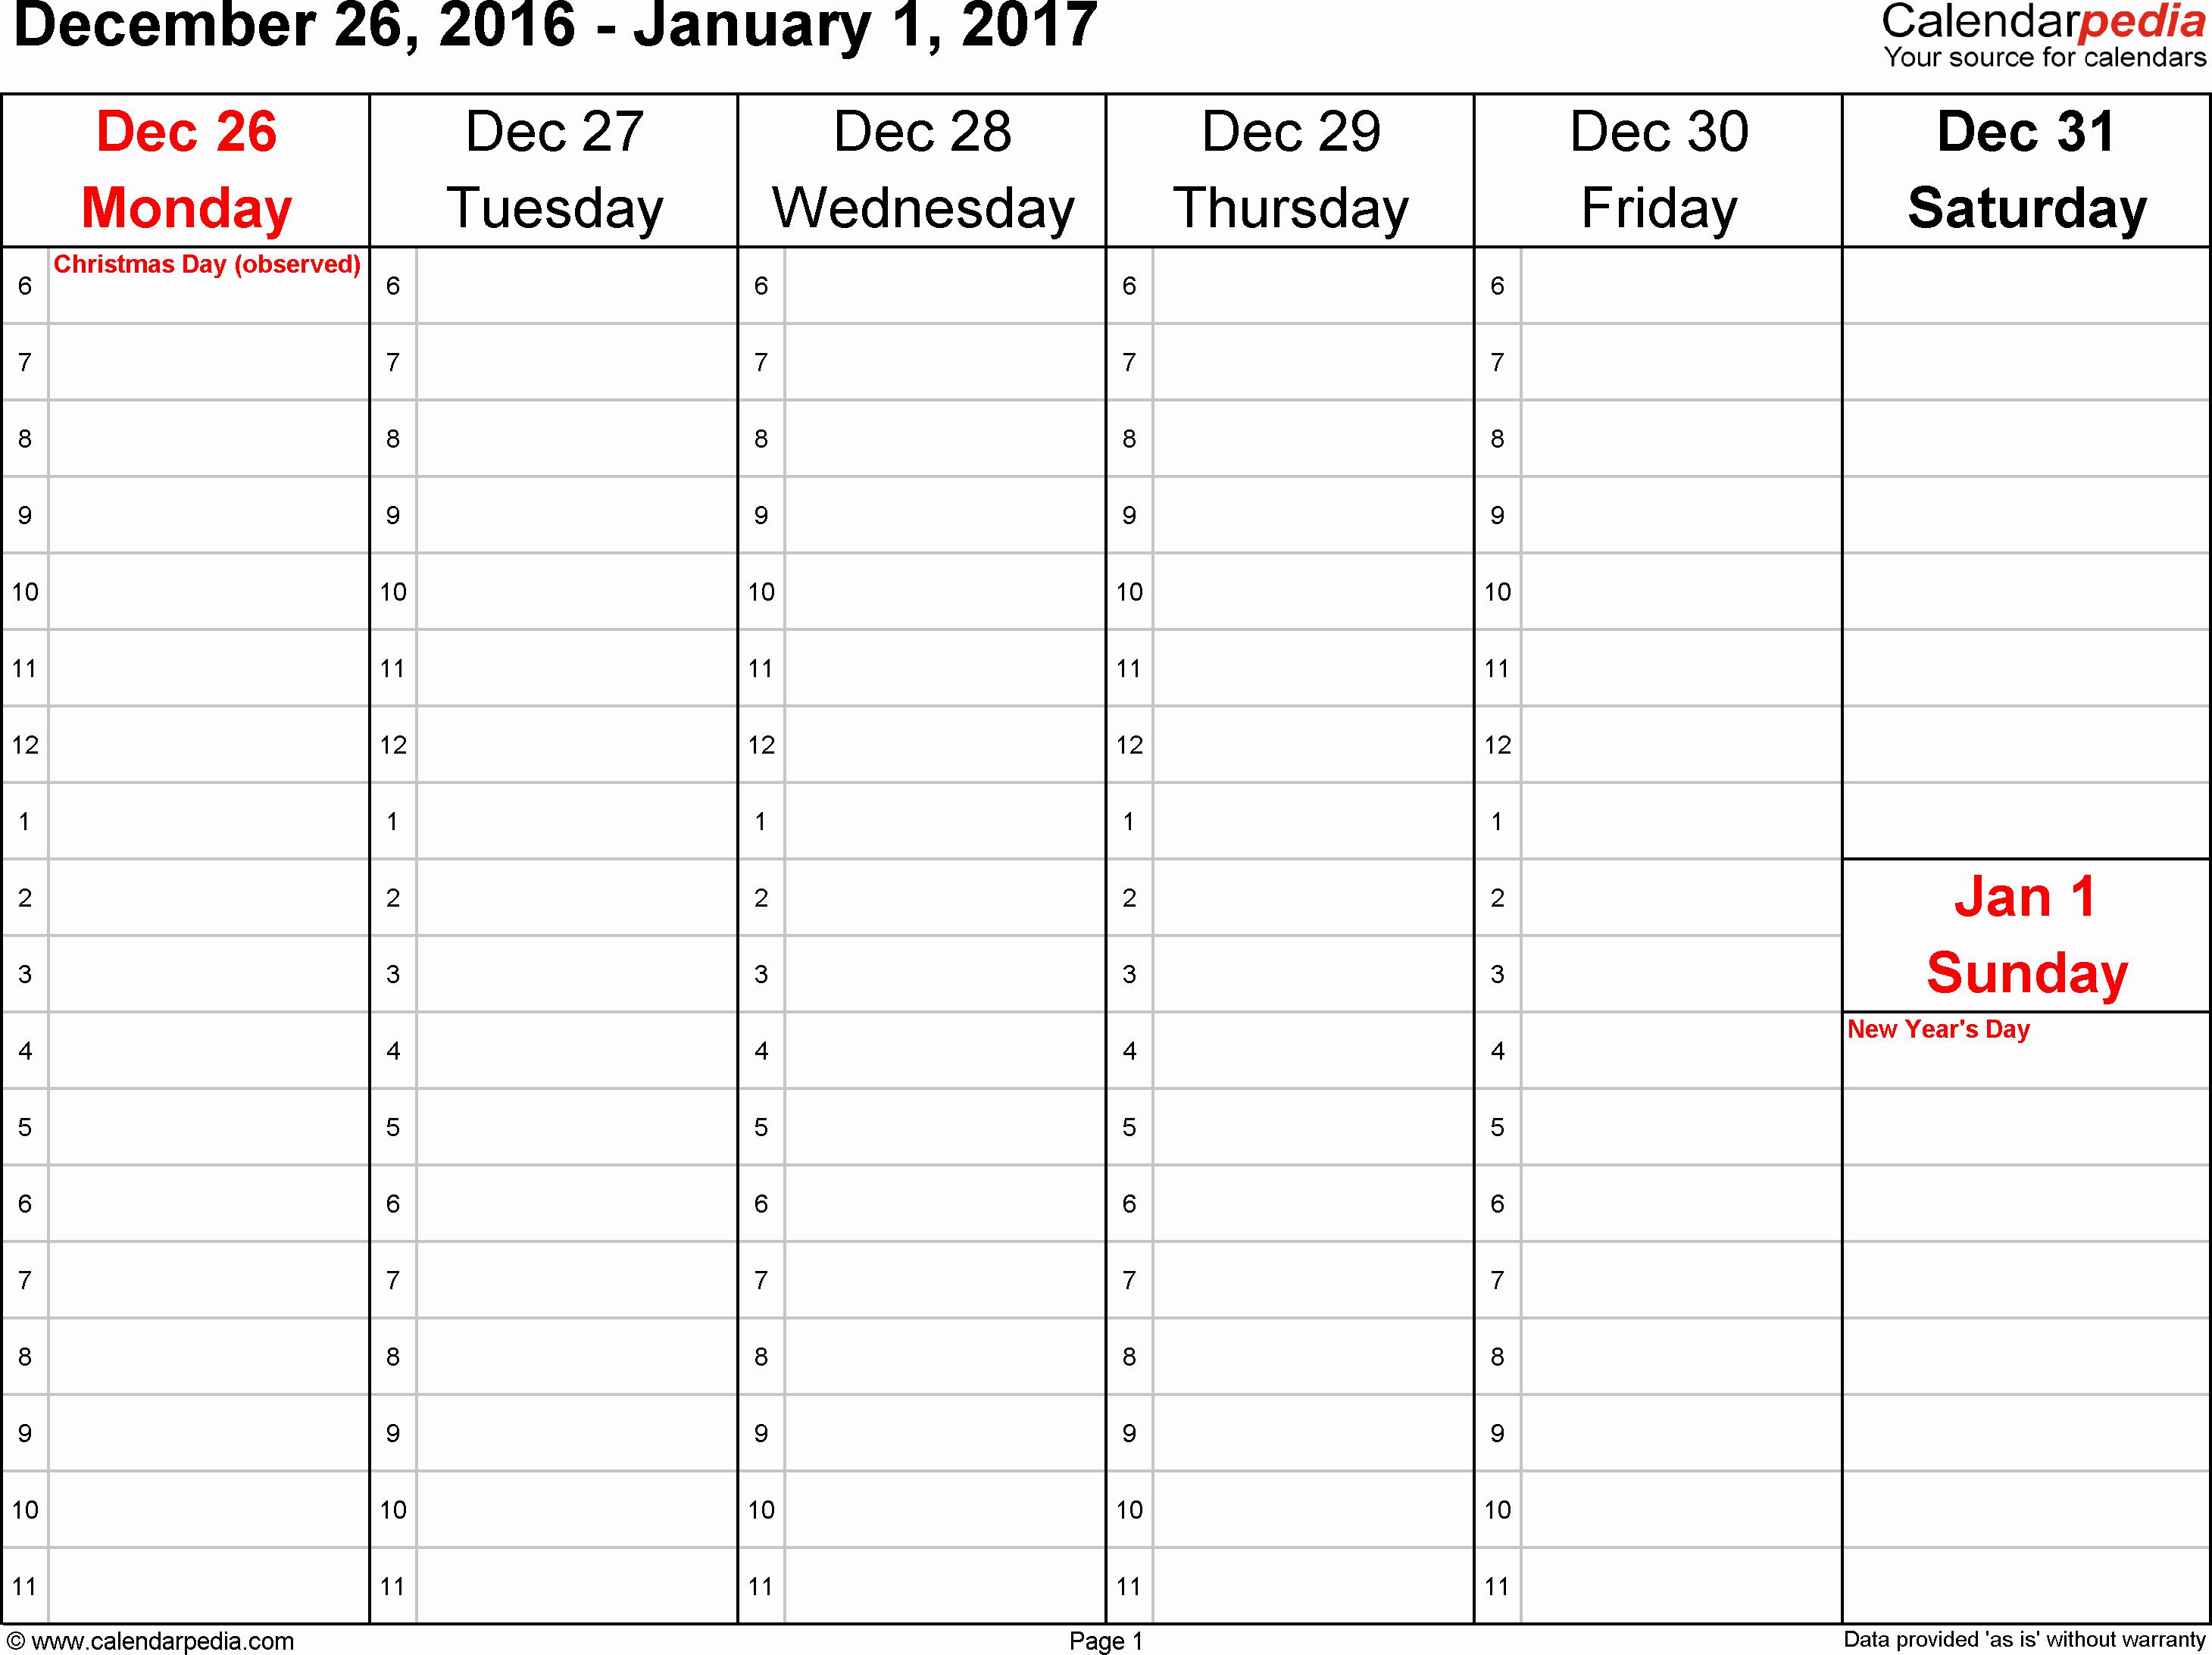 Free Printable Weekly Calendars 2017 Unique Weekly Calendar 2017 for Word 12 Free Printable Templates